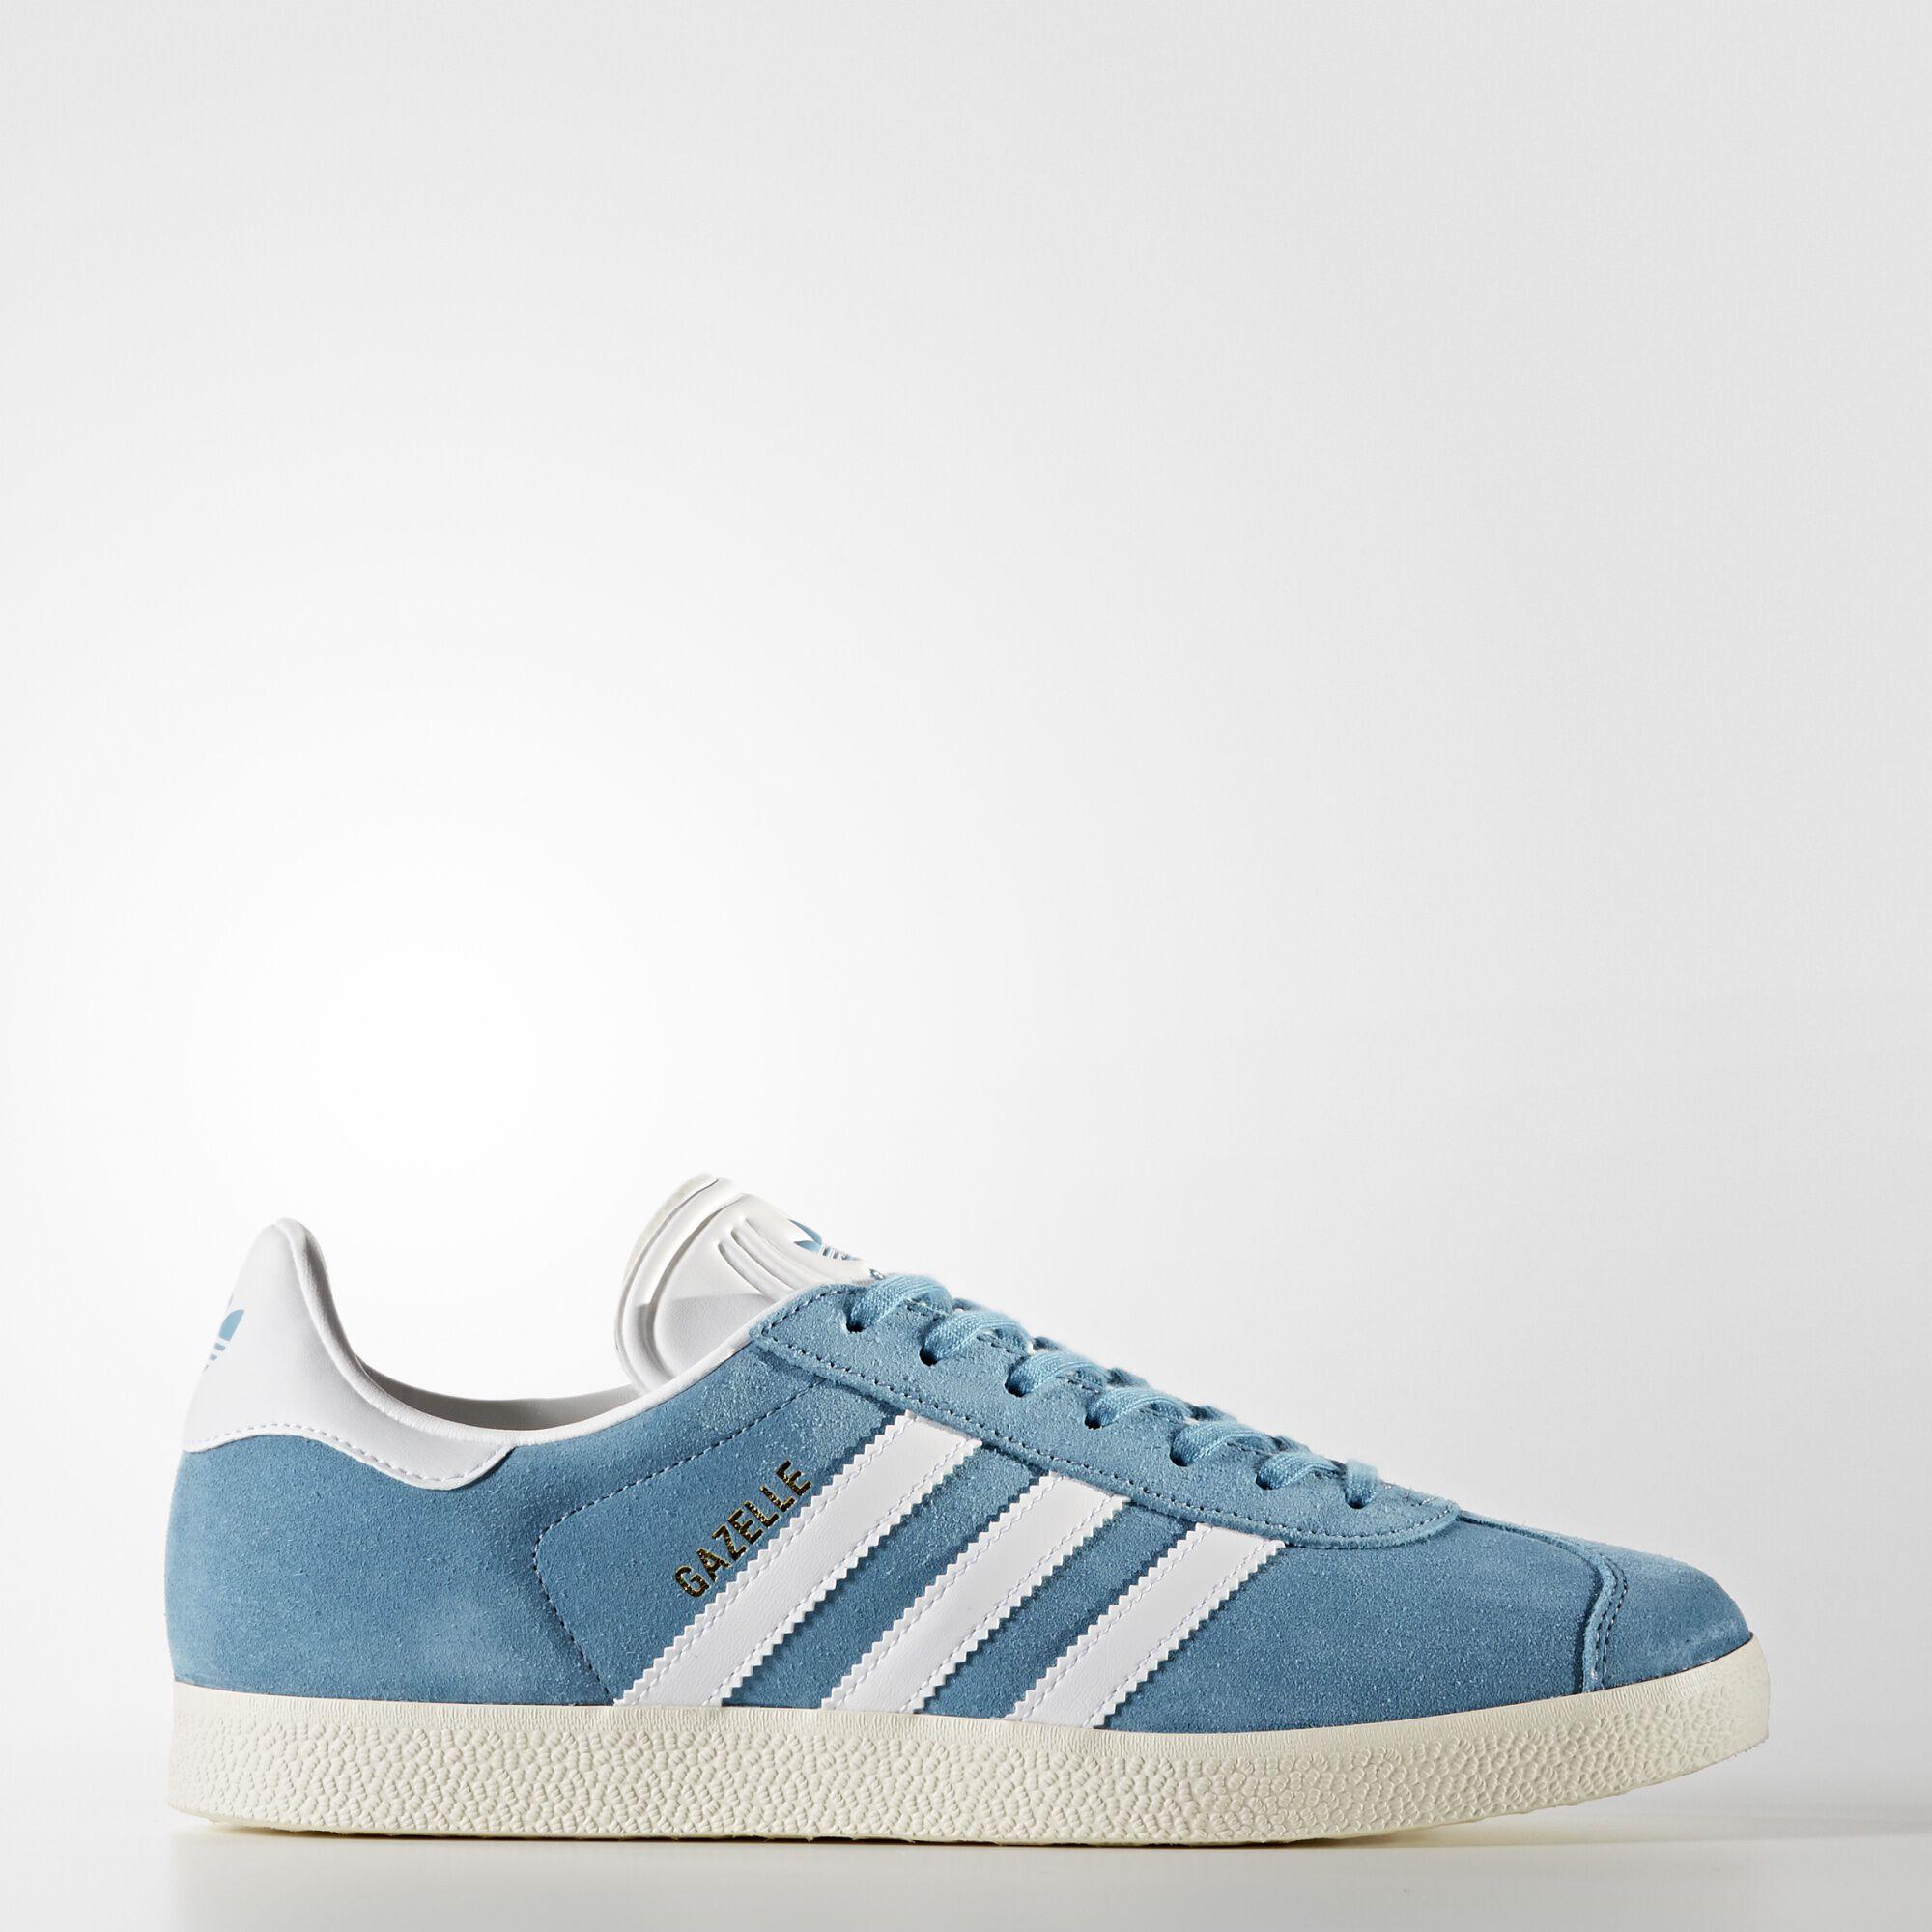 adidas neo adidas suede light bleu light bleu blanc sneakerdiscount 60a7653 - omkostningertil.website